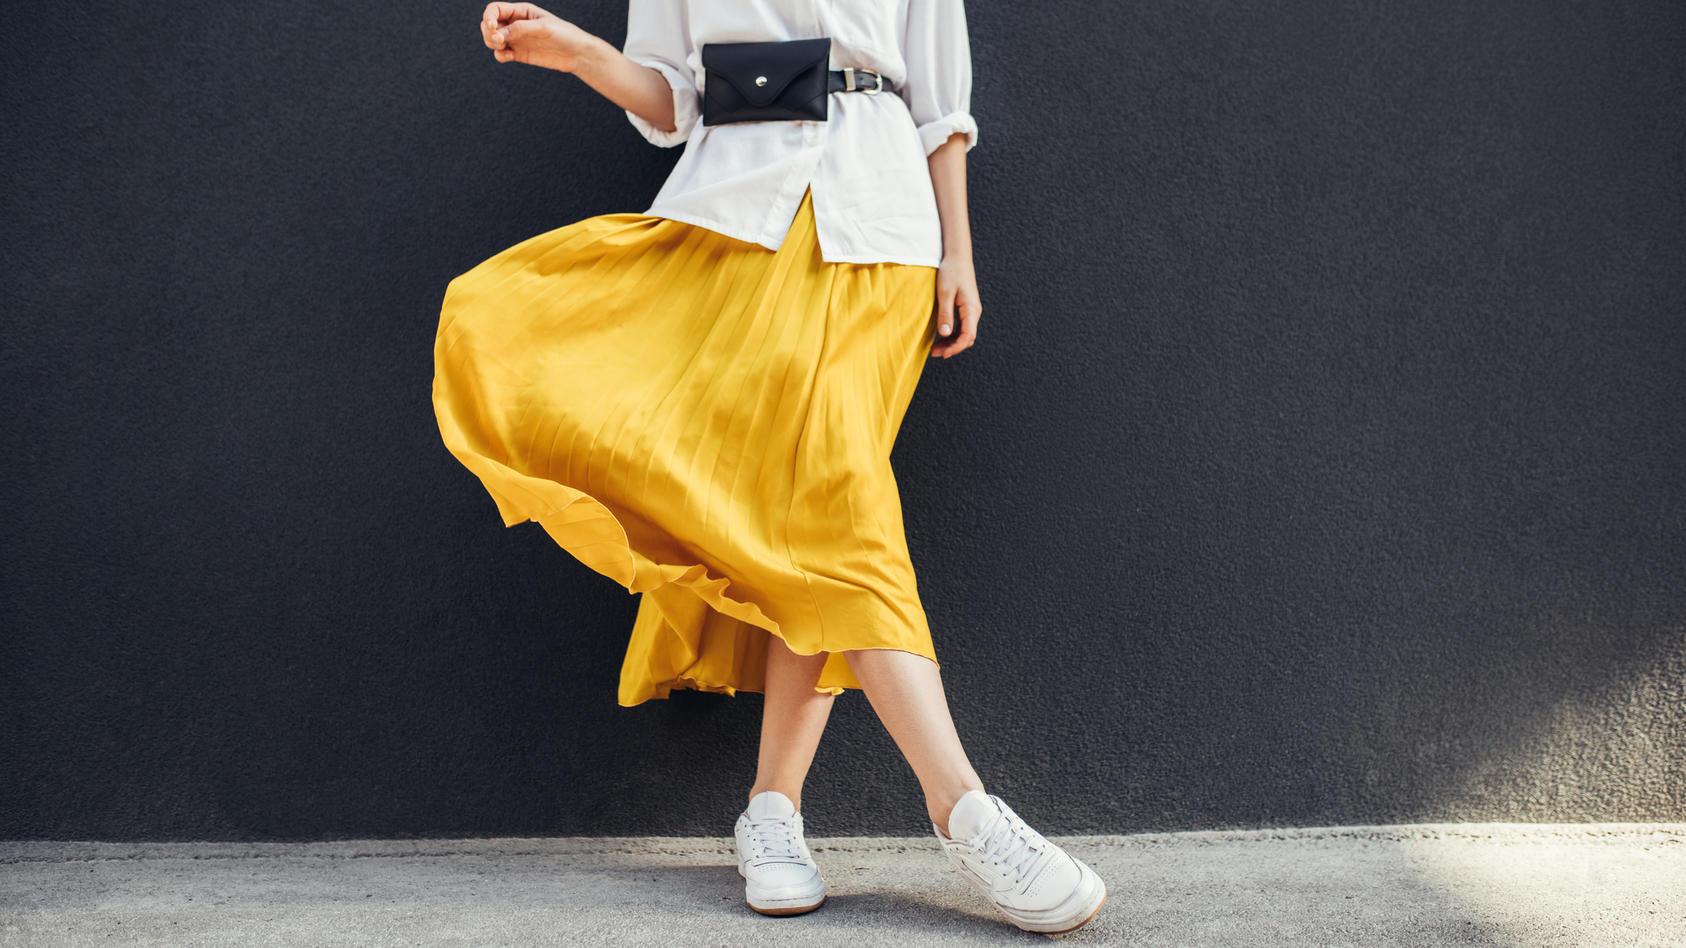 Gelb ist gar keine schwierige Farbe. Richtig kombiniert, lässt die Gute-Laune-Farbe uns frischer und fröhlicher wirken.